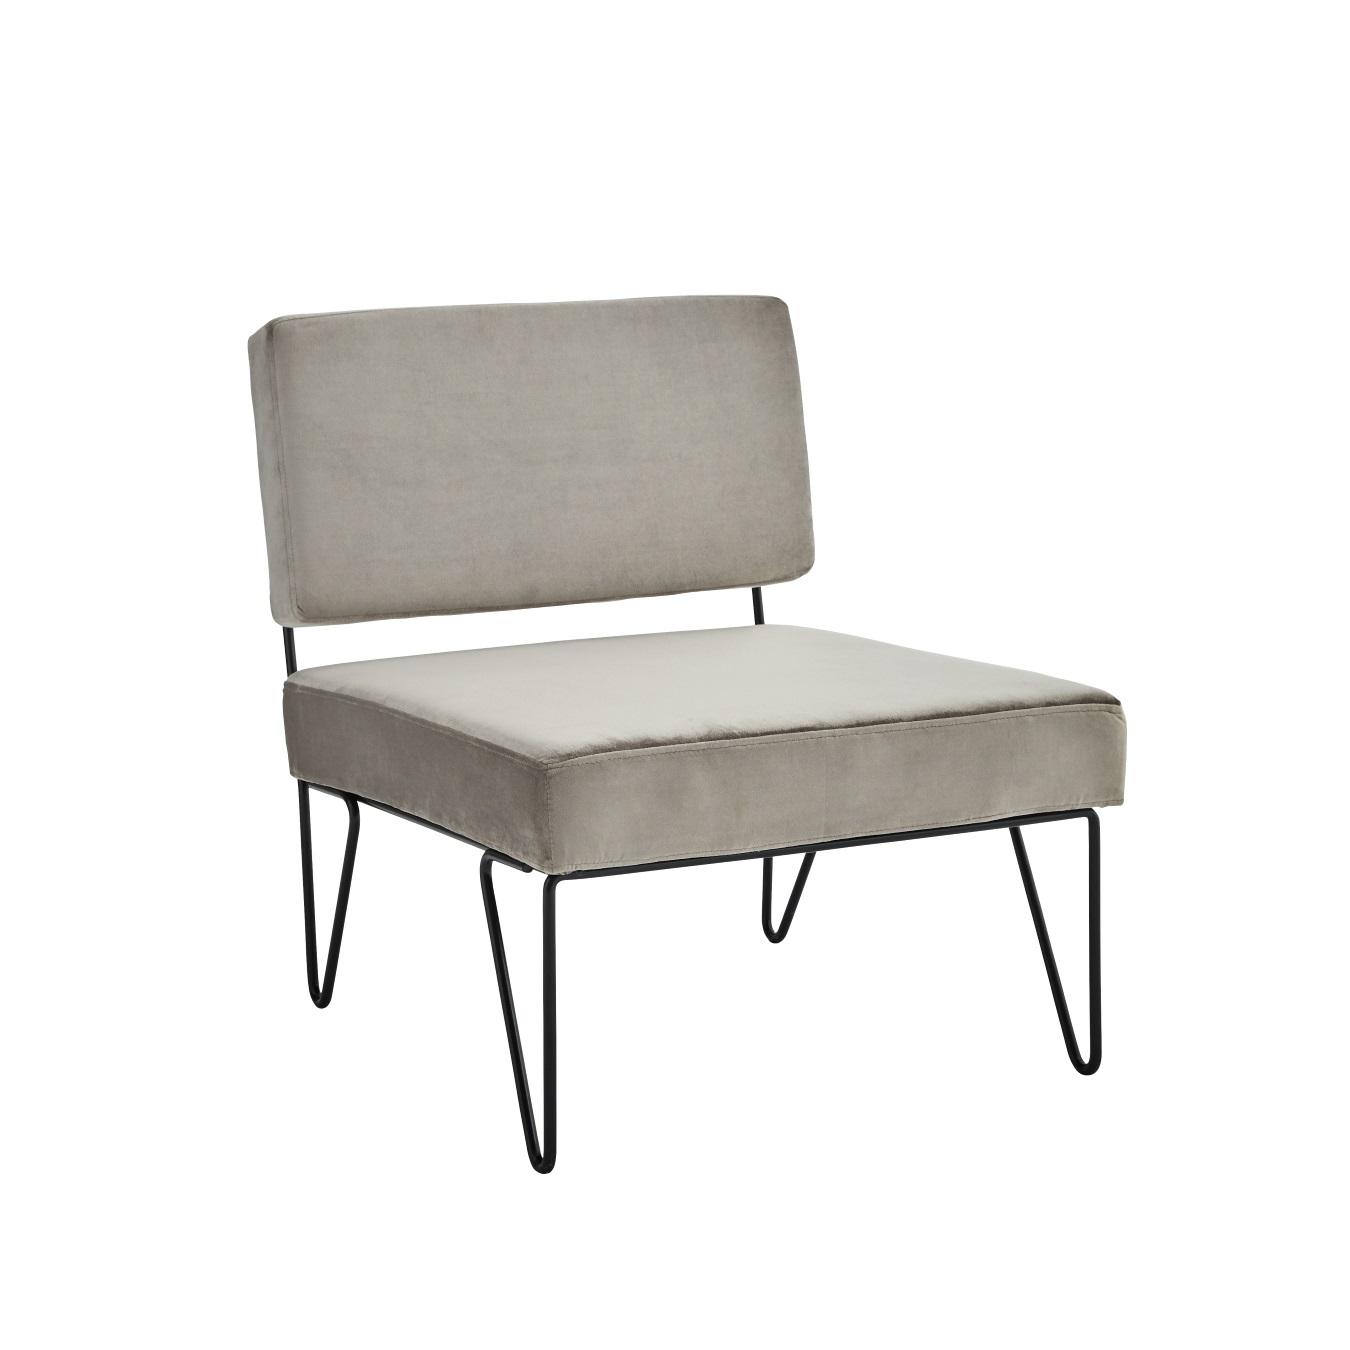 Lounge stol sammet grå, Madam Stoltz